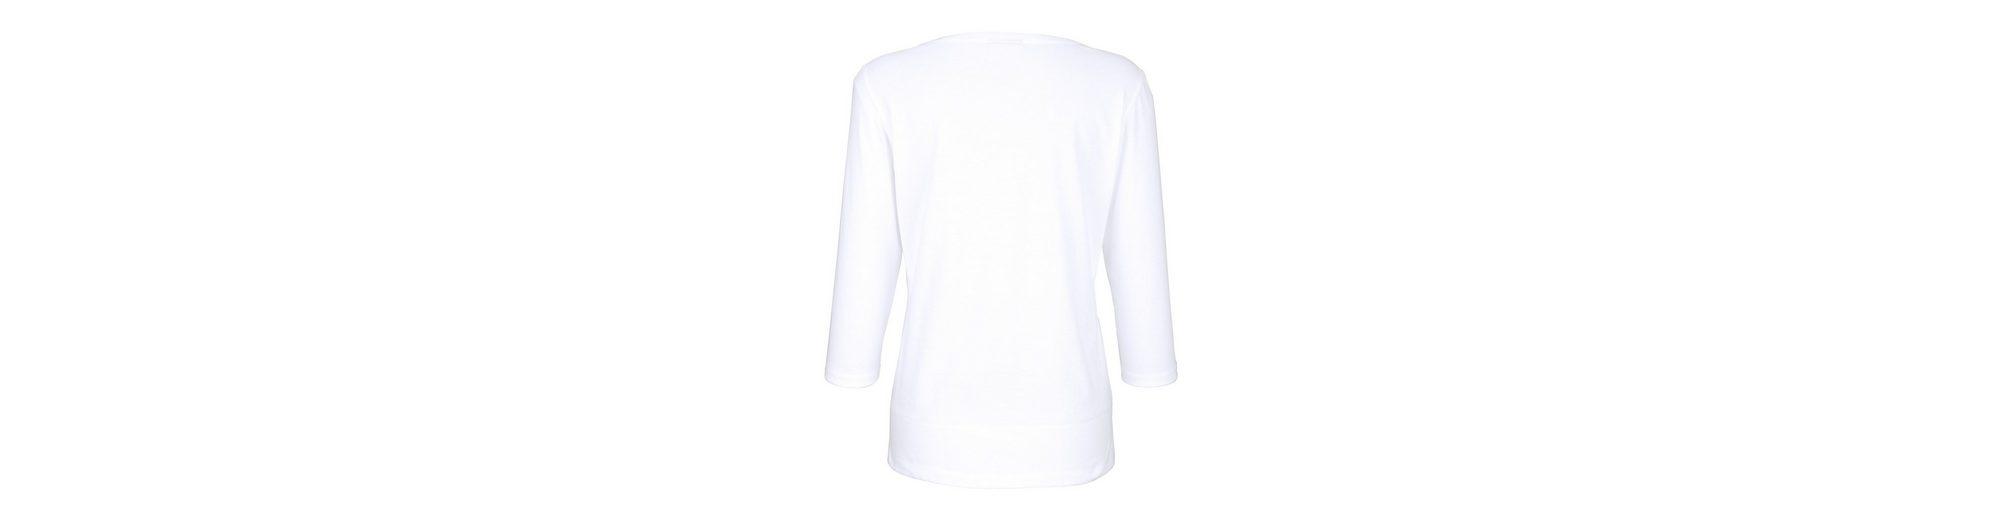 Dress In Shirt mit platziertem Druck Billig Verkauf Bester Platz Gefälschte Online-Verkauf ymjROMs